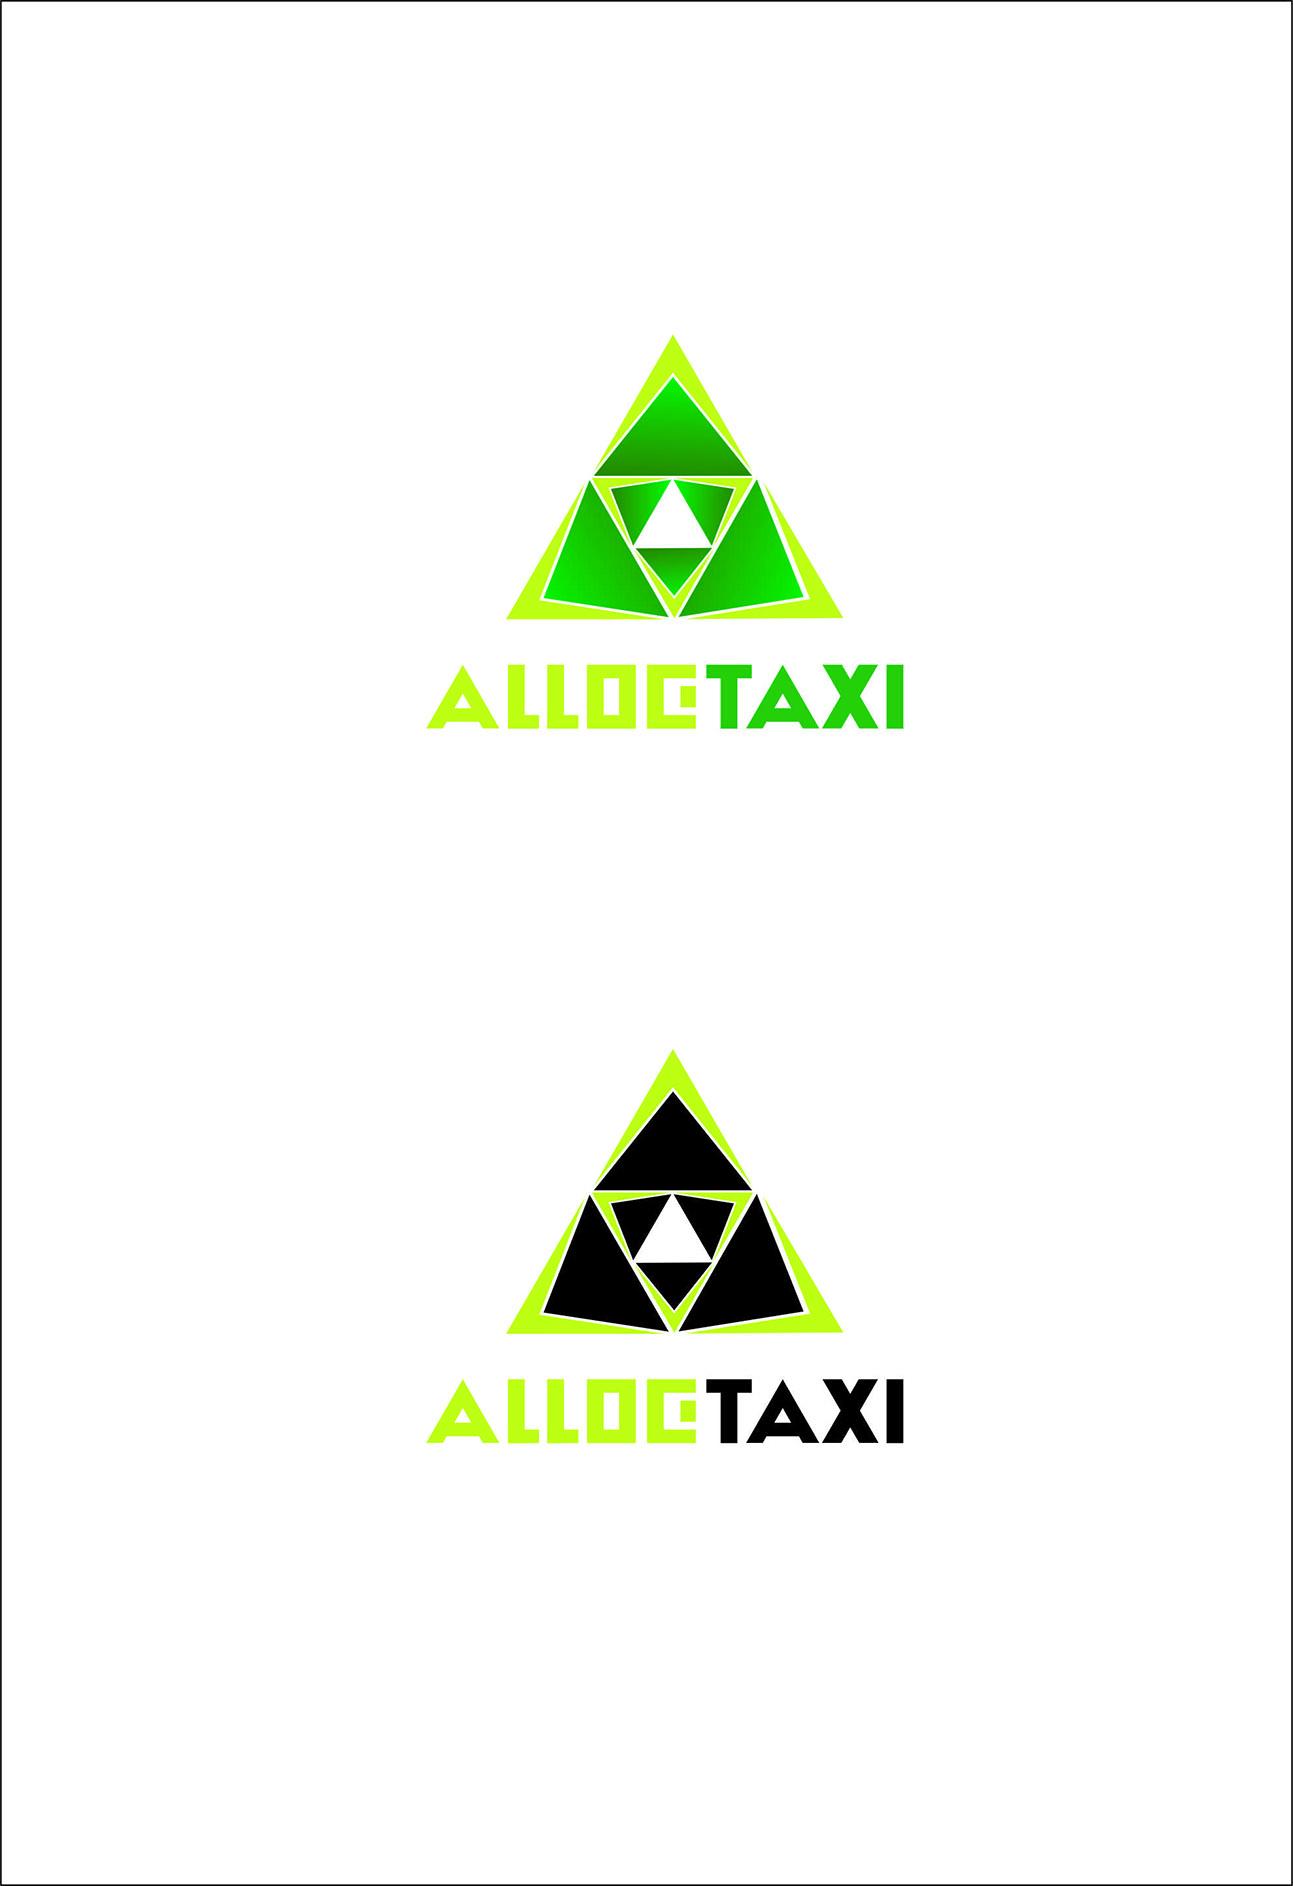 придумать логотип для такси фото f_74153a021b054621.jpg